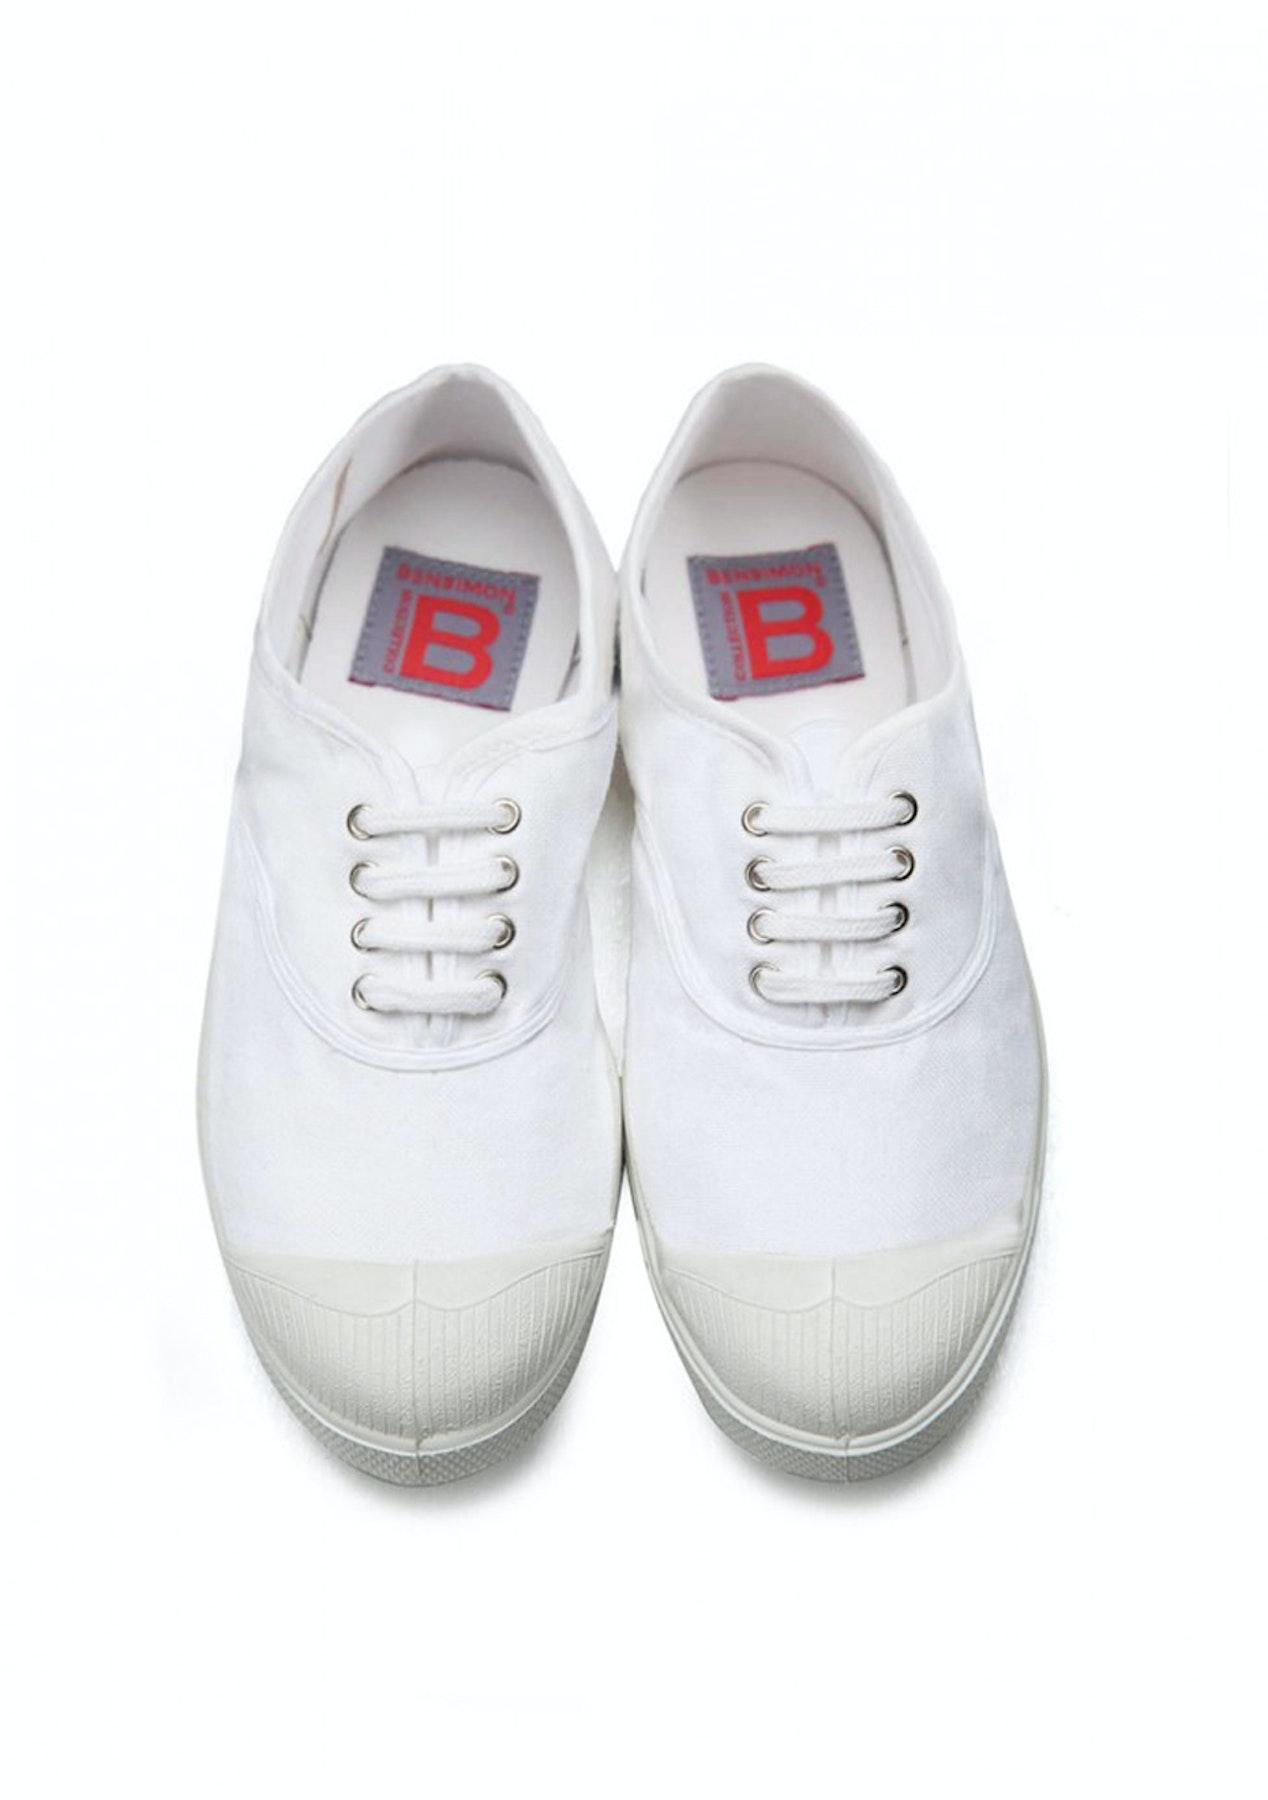 ae161bdbf Bensimon - Tennis Lacet Femme - White